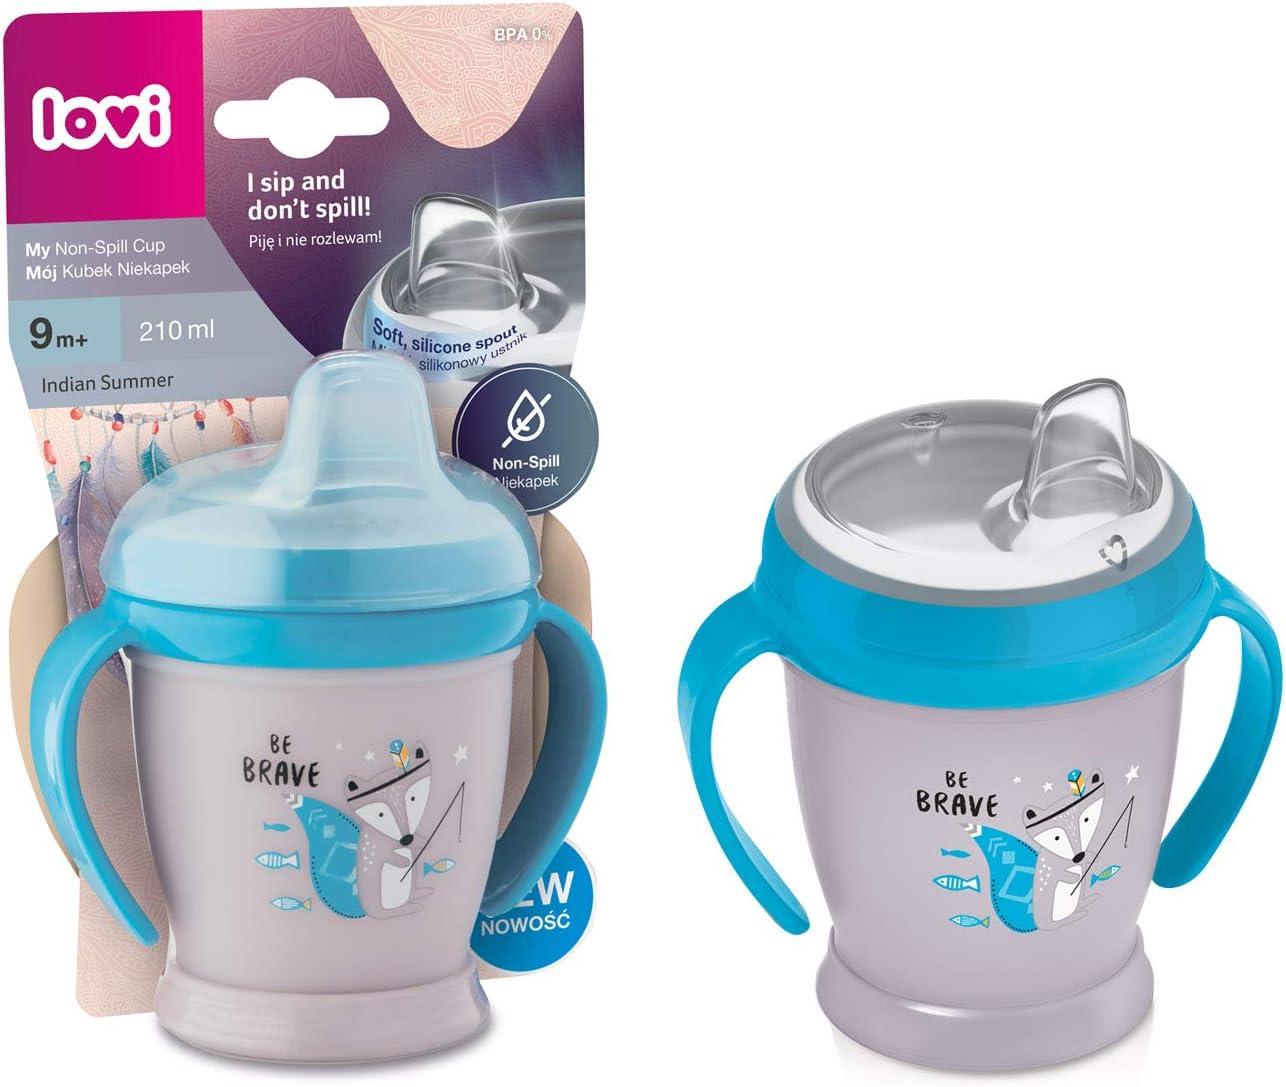 LOVI Tasse facile /à boire pour tout-petit Bec souple en silicone Ergonomique Rose Sans BPA non-d/éversement Boire sans renverser 210 ml B/écher avec poign/ée 9 mois et plus